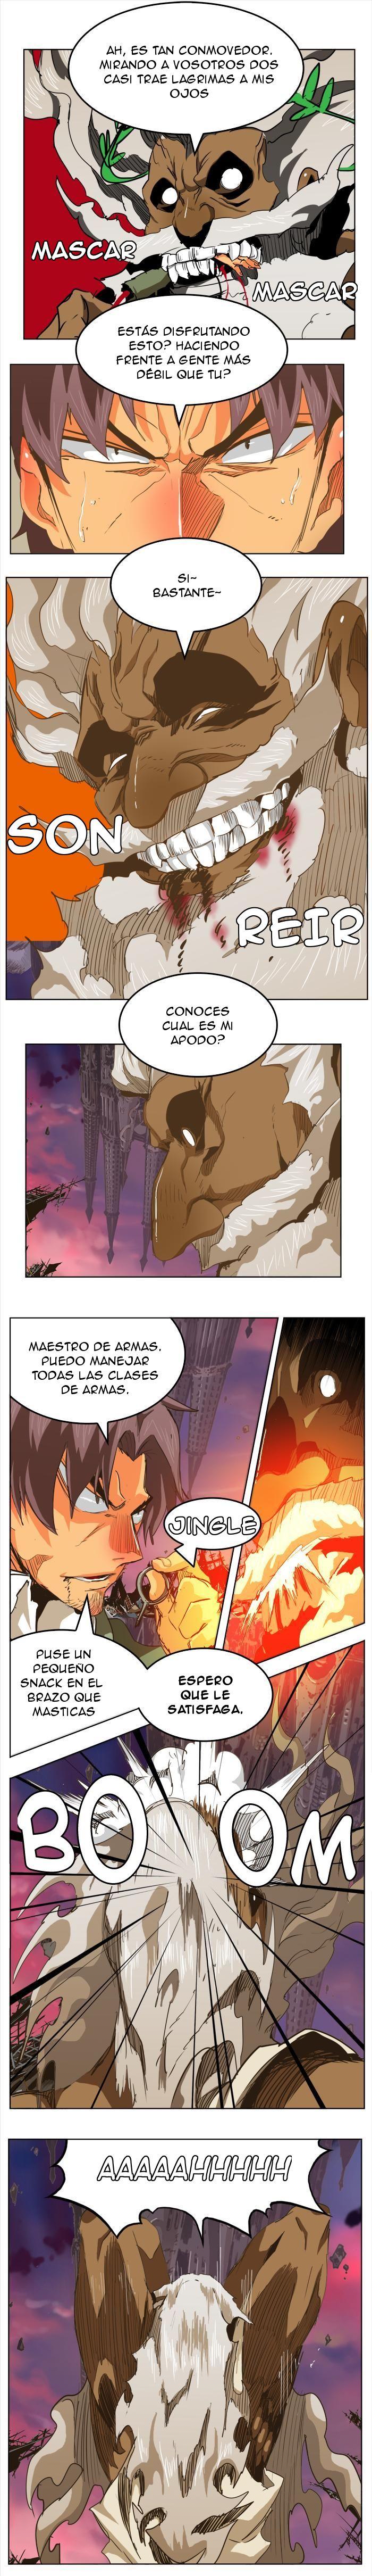 http://c5.ninemanga.com/es_manga/pic2/37/485/503973/5ca3989093520c3b4ef544cfad7fde7f.jpg Page 5